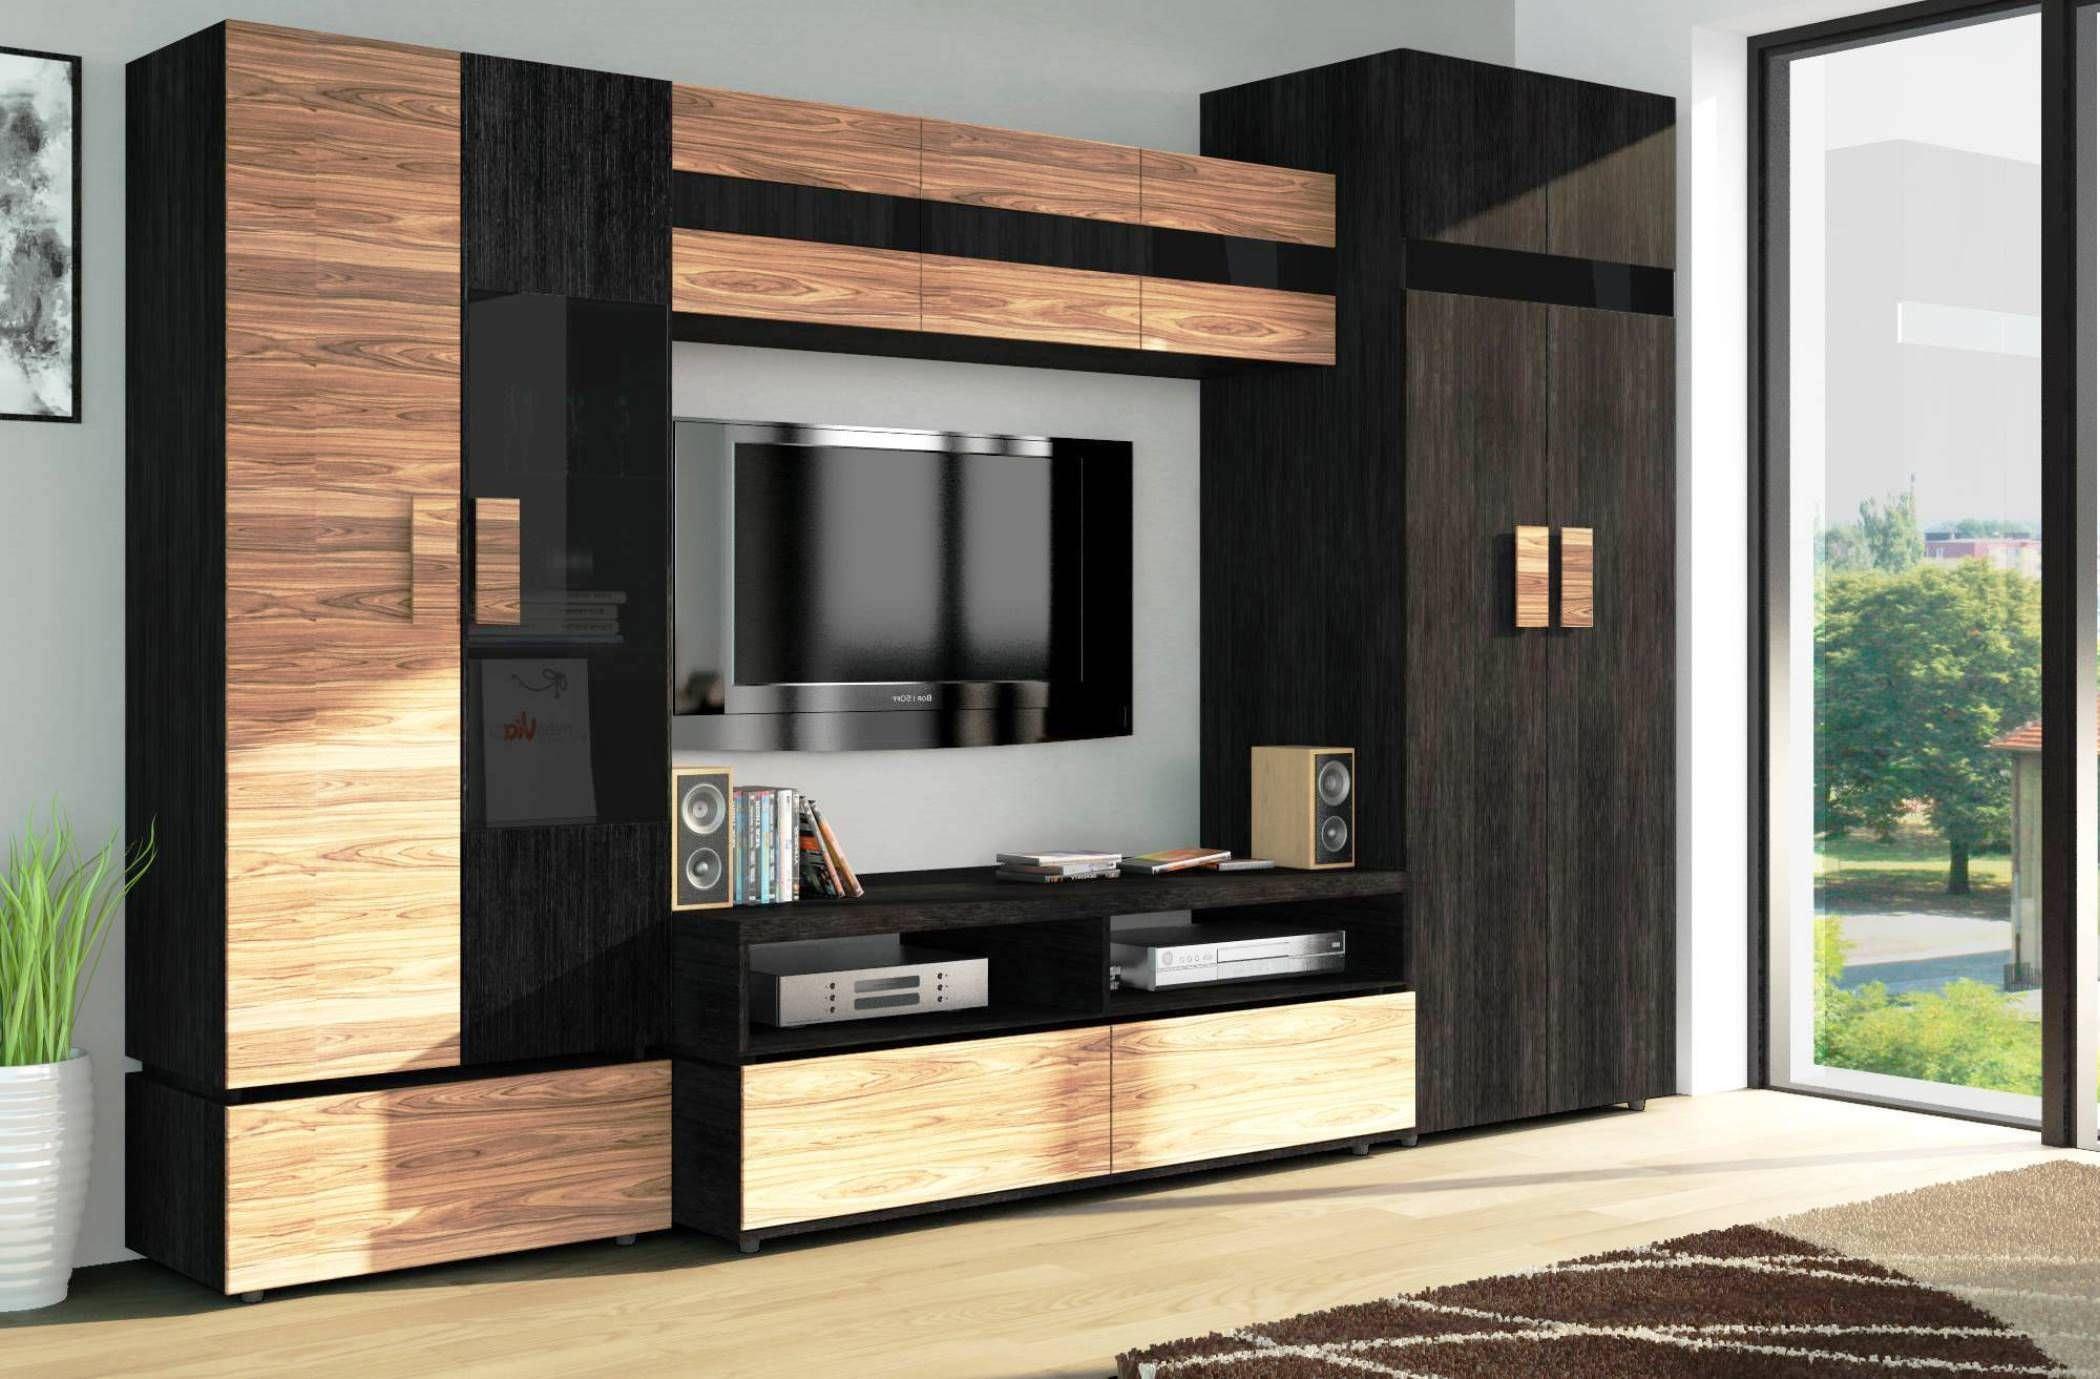 Kệ tivi kết hợp tủ rượu gỗ đóng kín lịch sự với 2 gam màu nâu và đen sang trọng